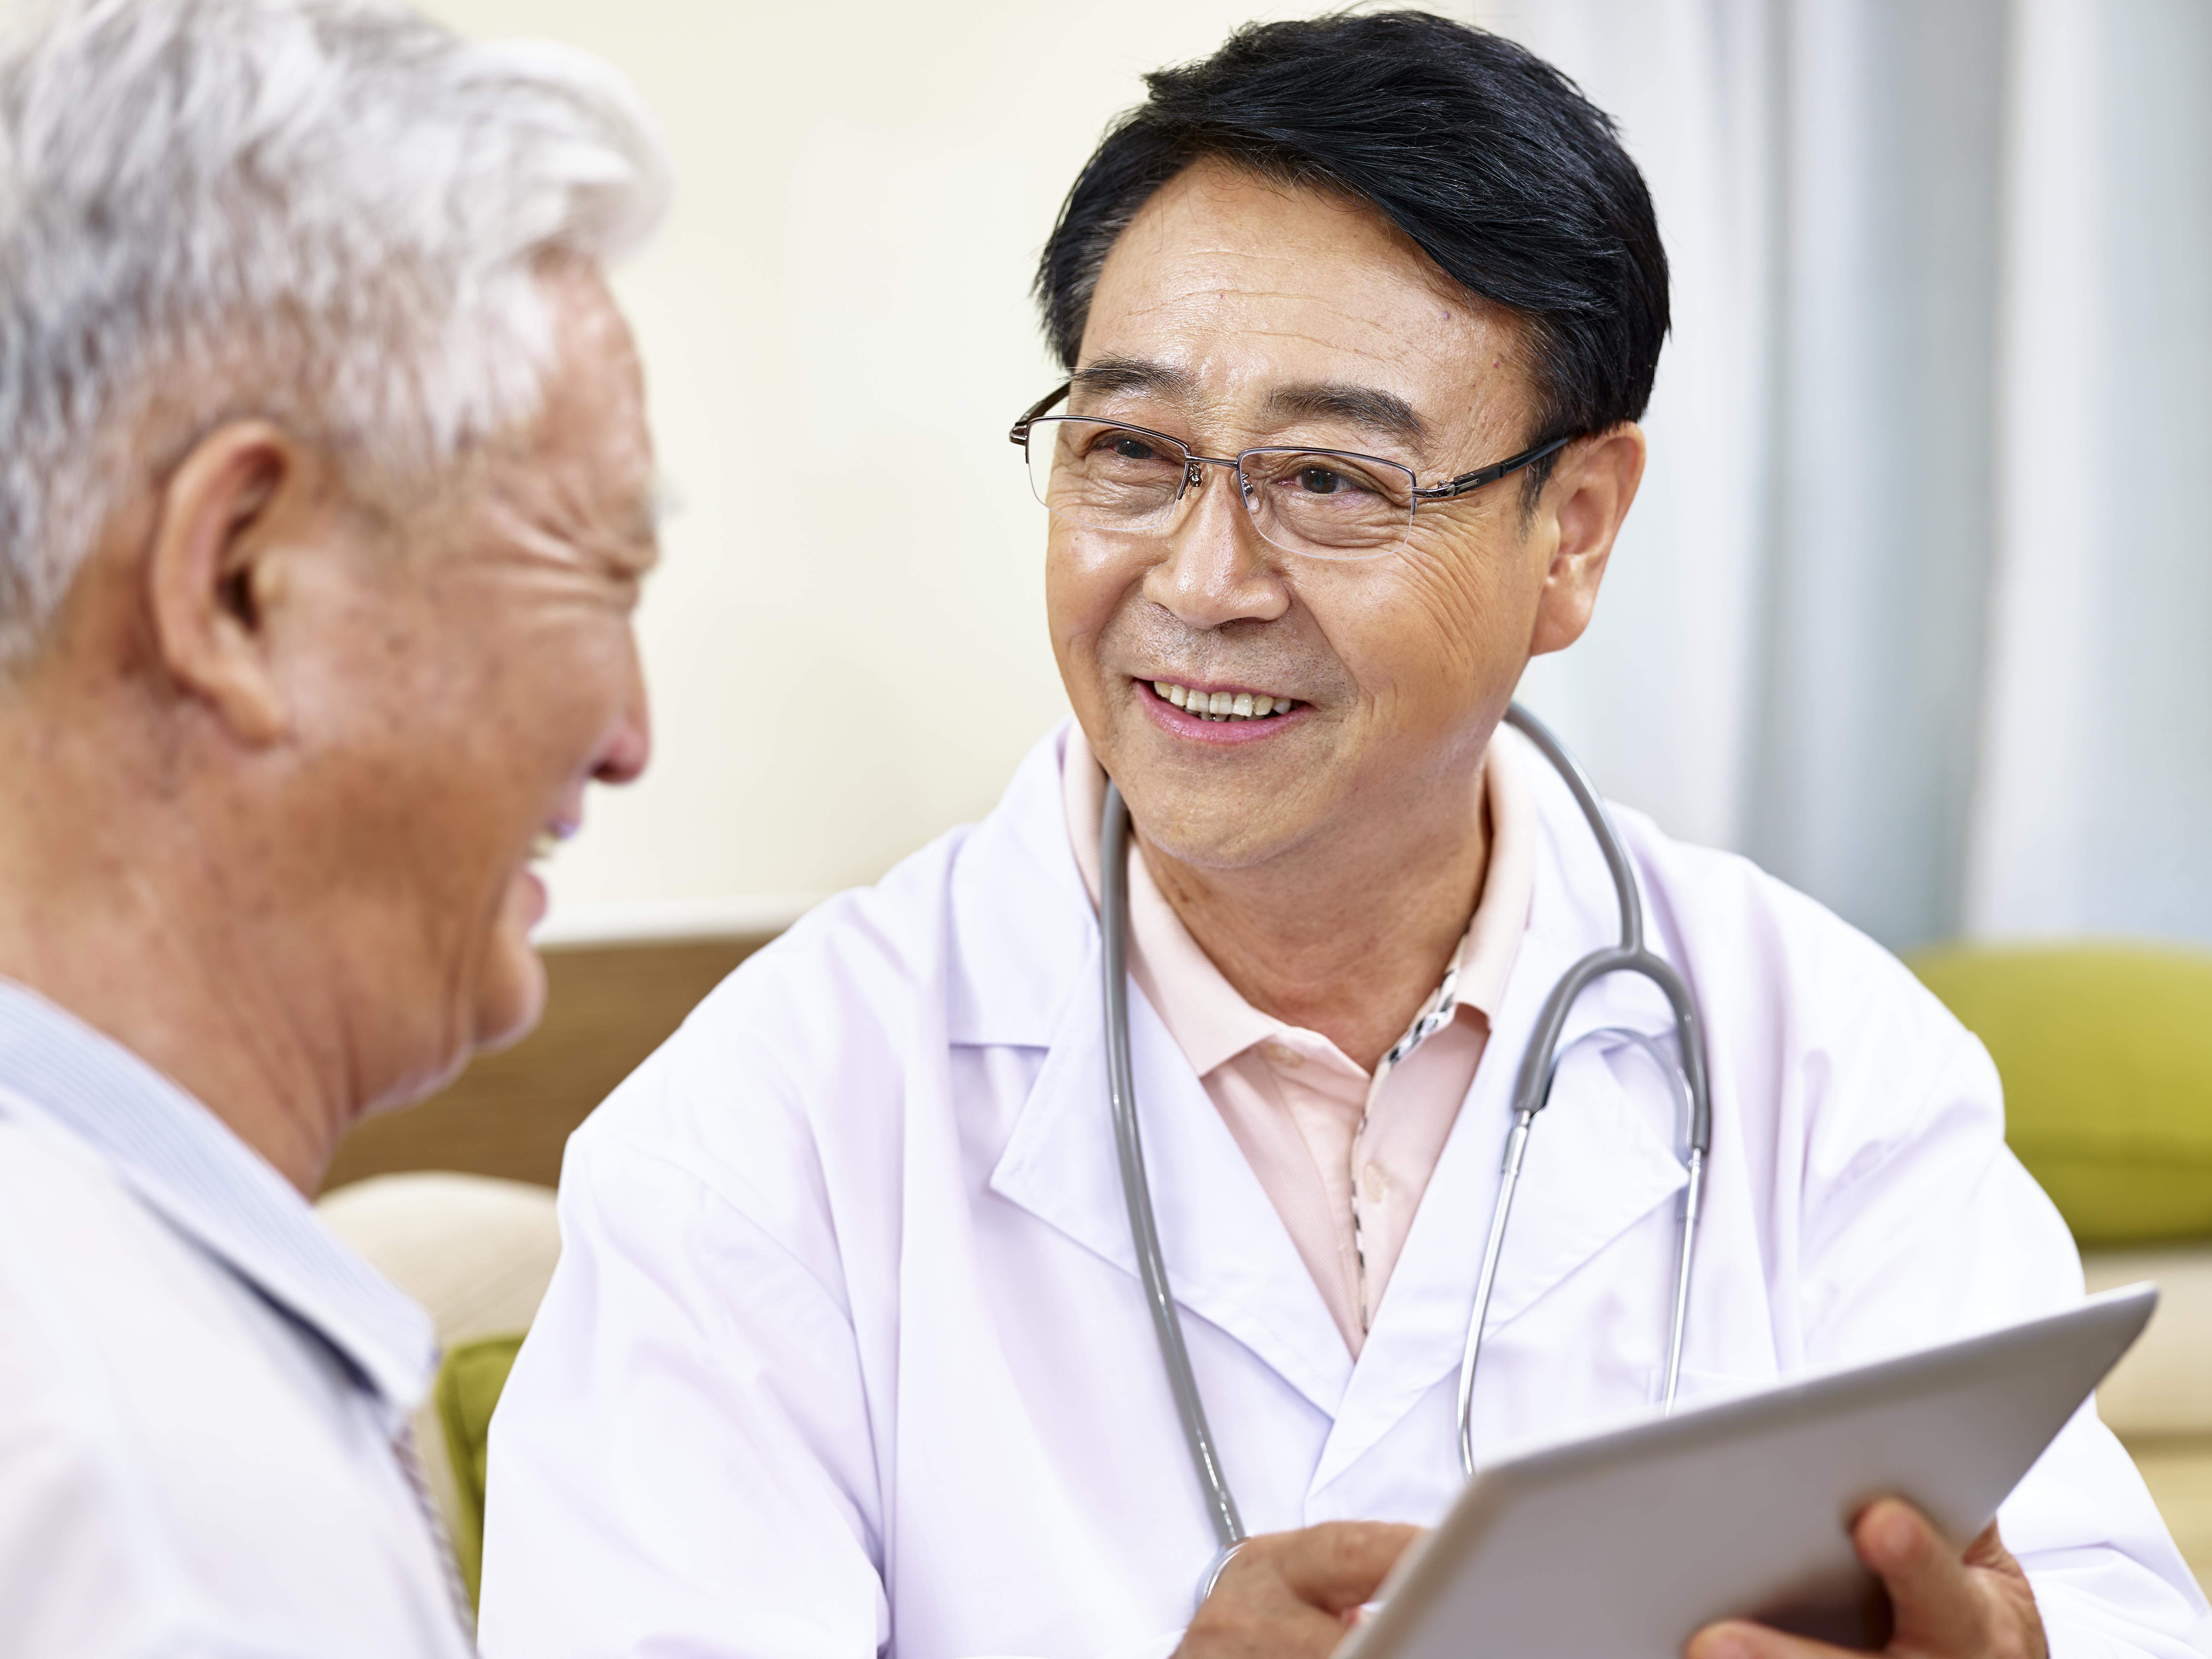 診察をする医師